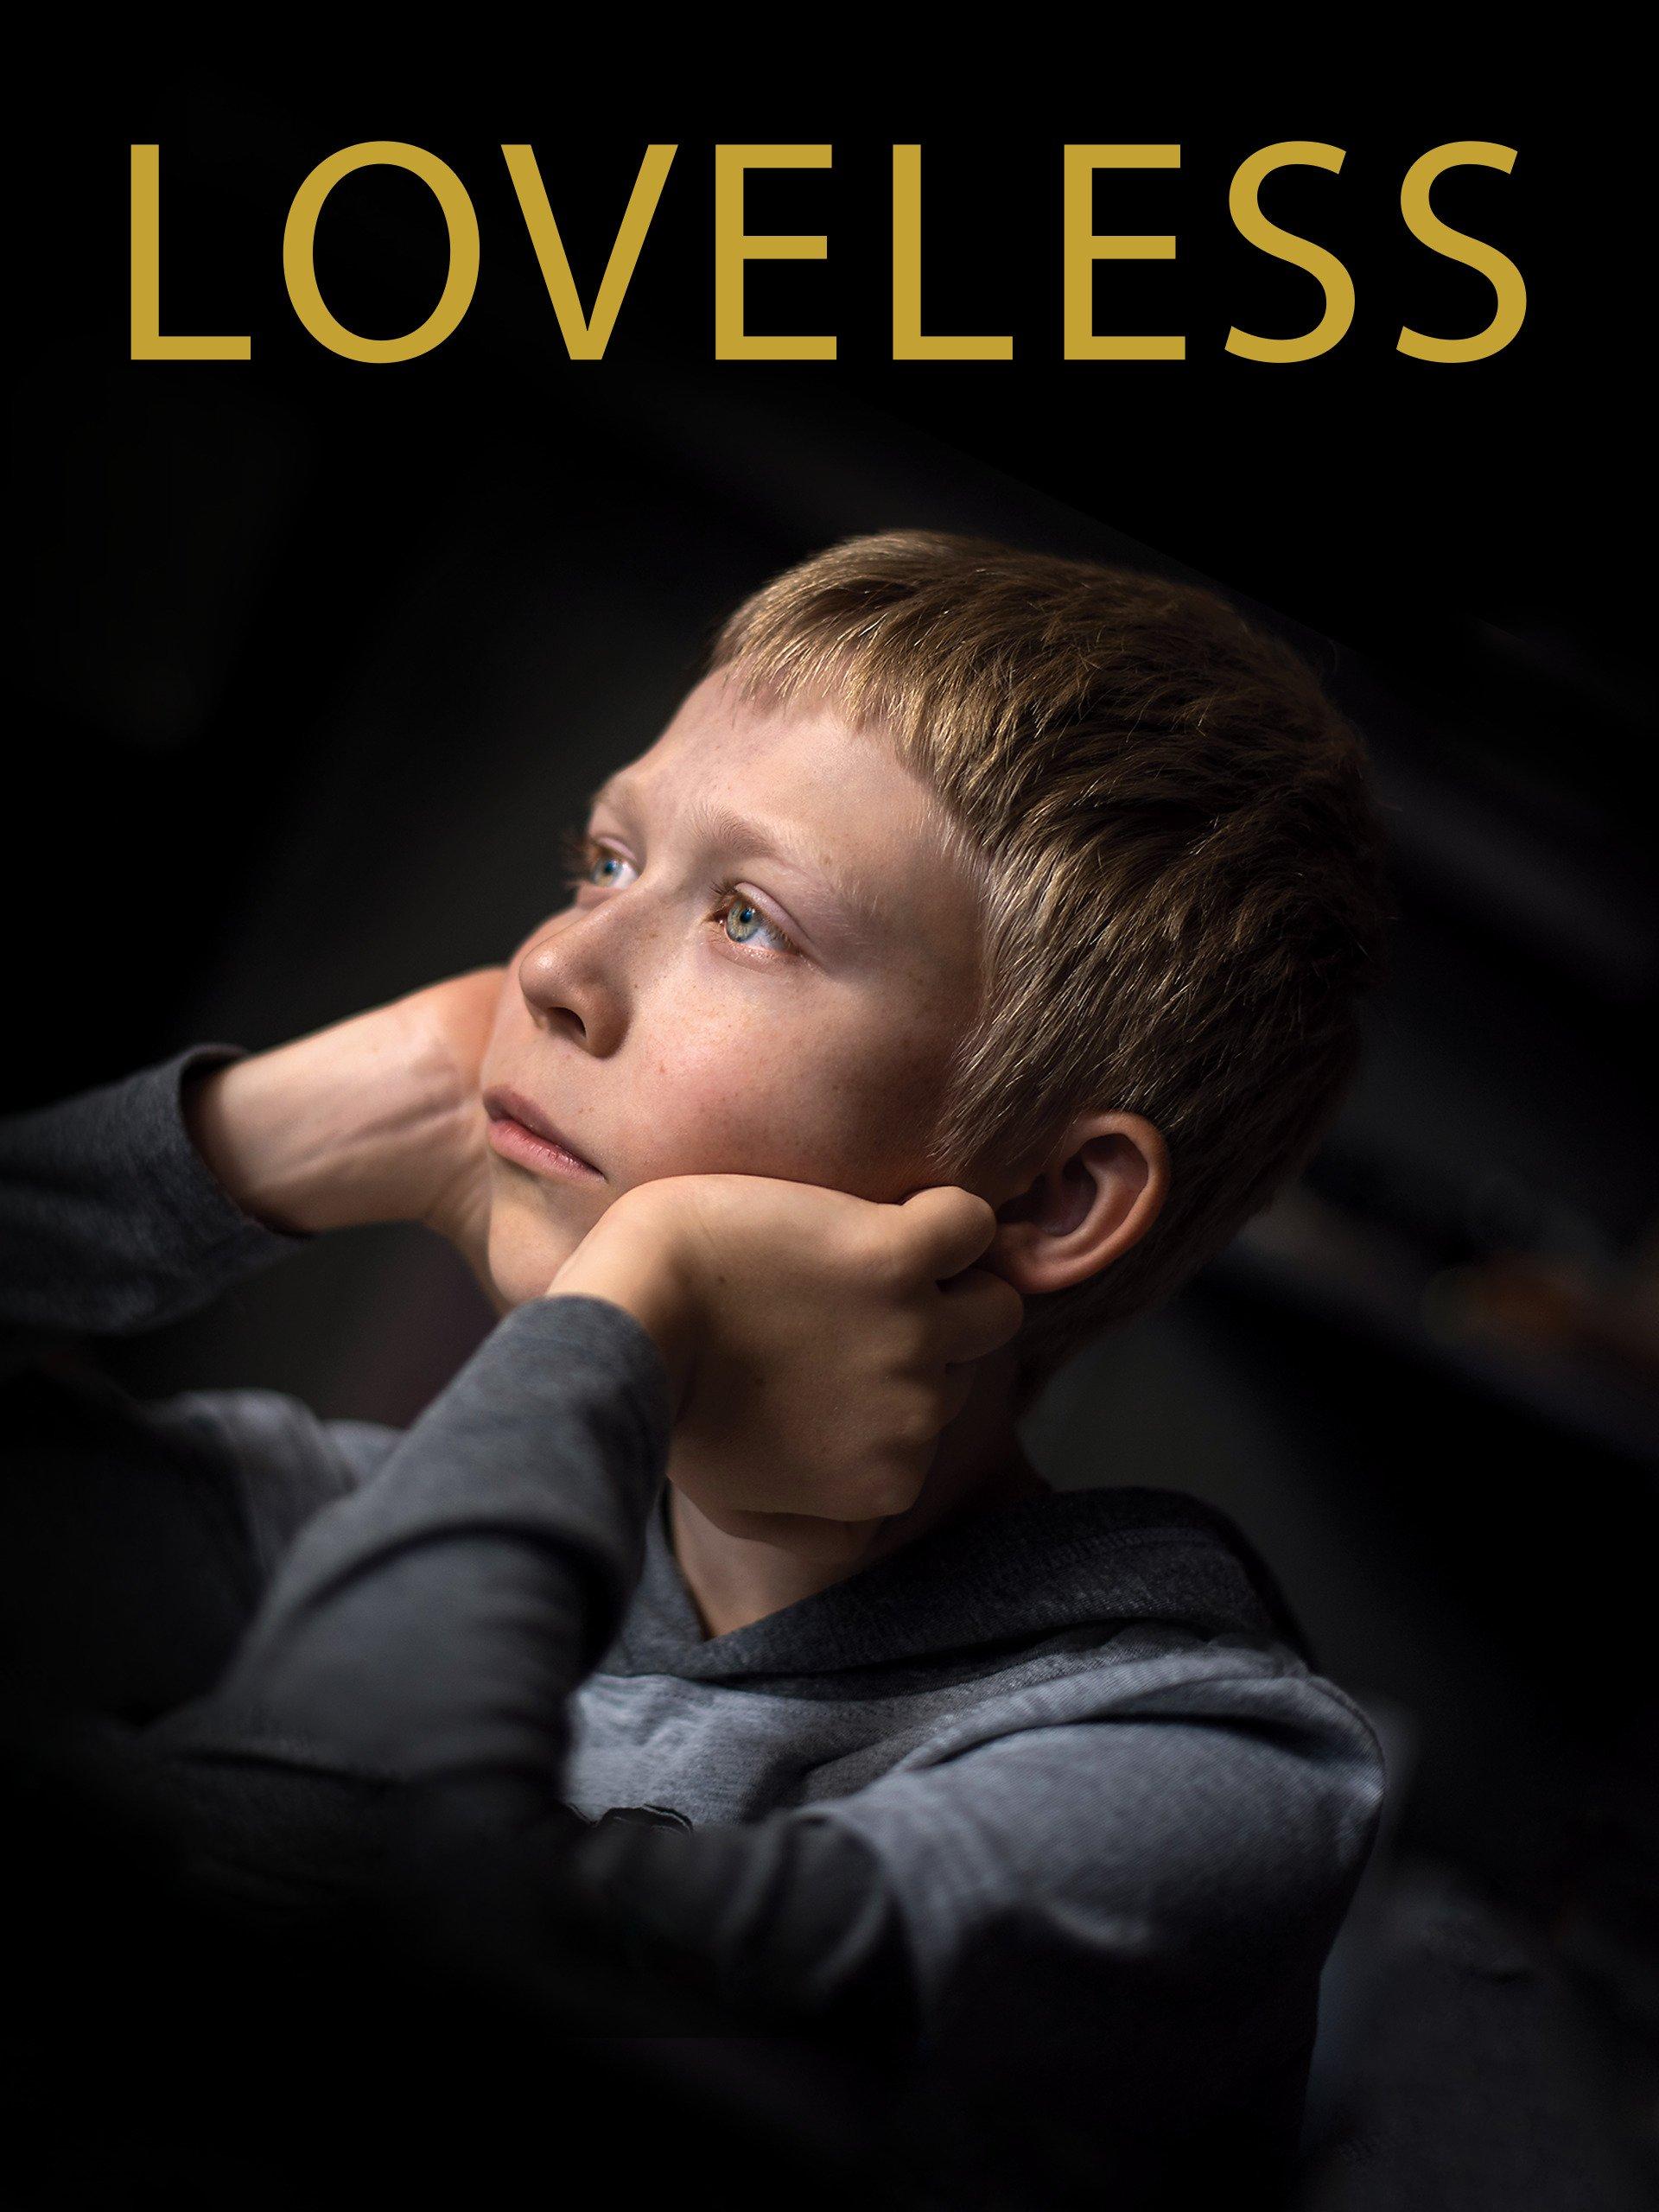 Loveless (2017) Poster #2